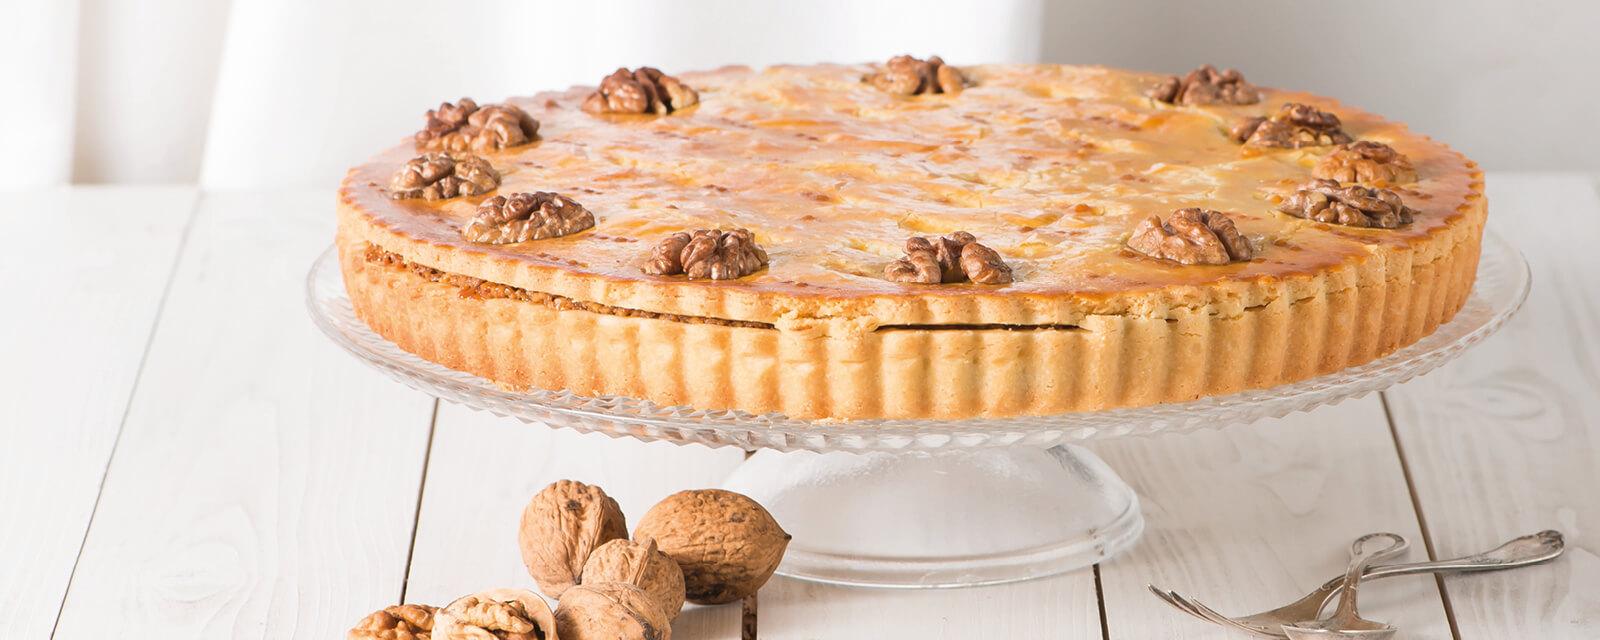 Kuchen Tartes Und Quiches Online Bestellen Und Liefern Lassen In Berlin